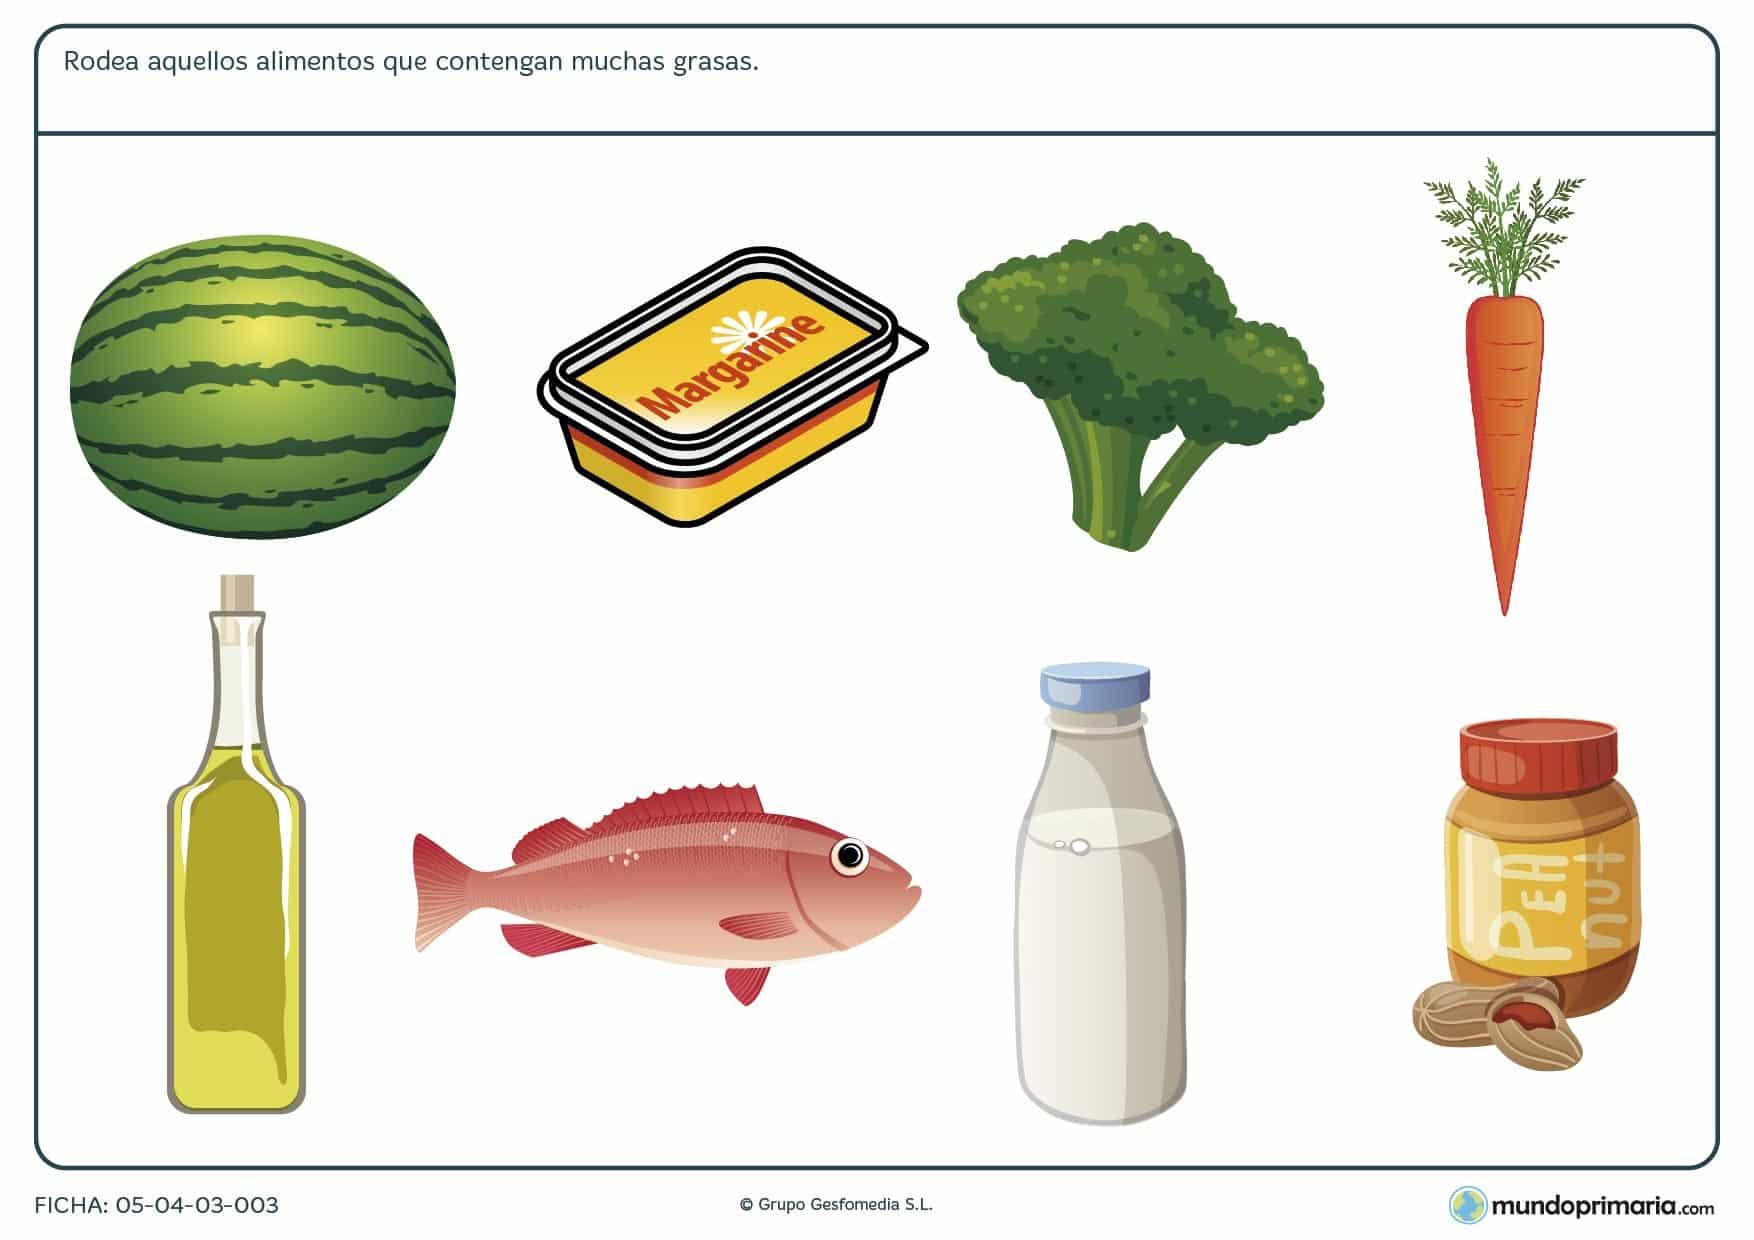 Ficha de los alimentos altos en grasas en el que se tiene que rodear las ímagenes de los alimentos altos en grasas.